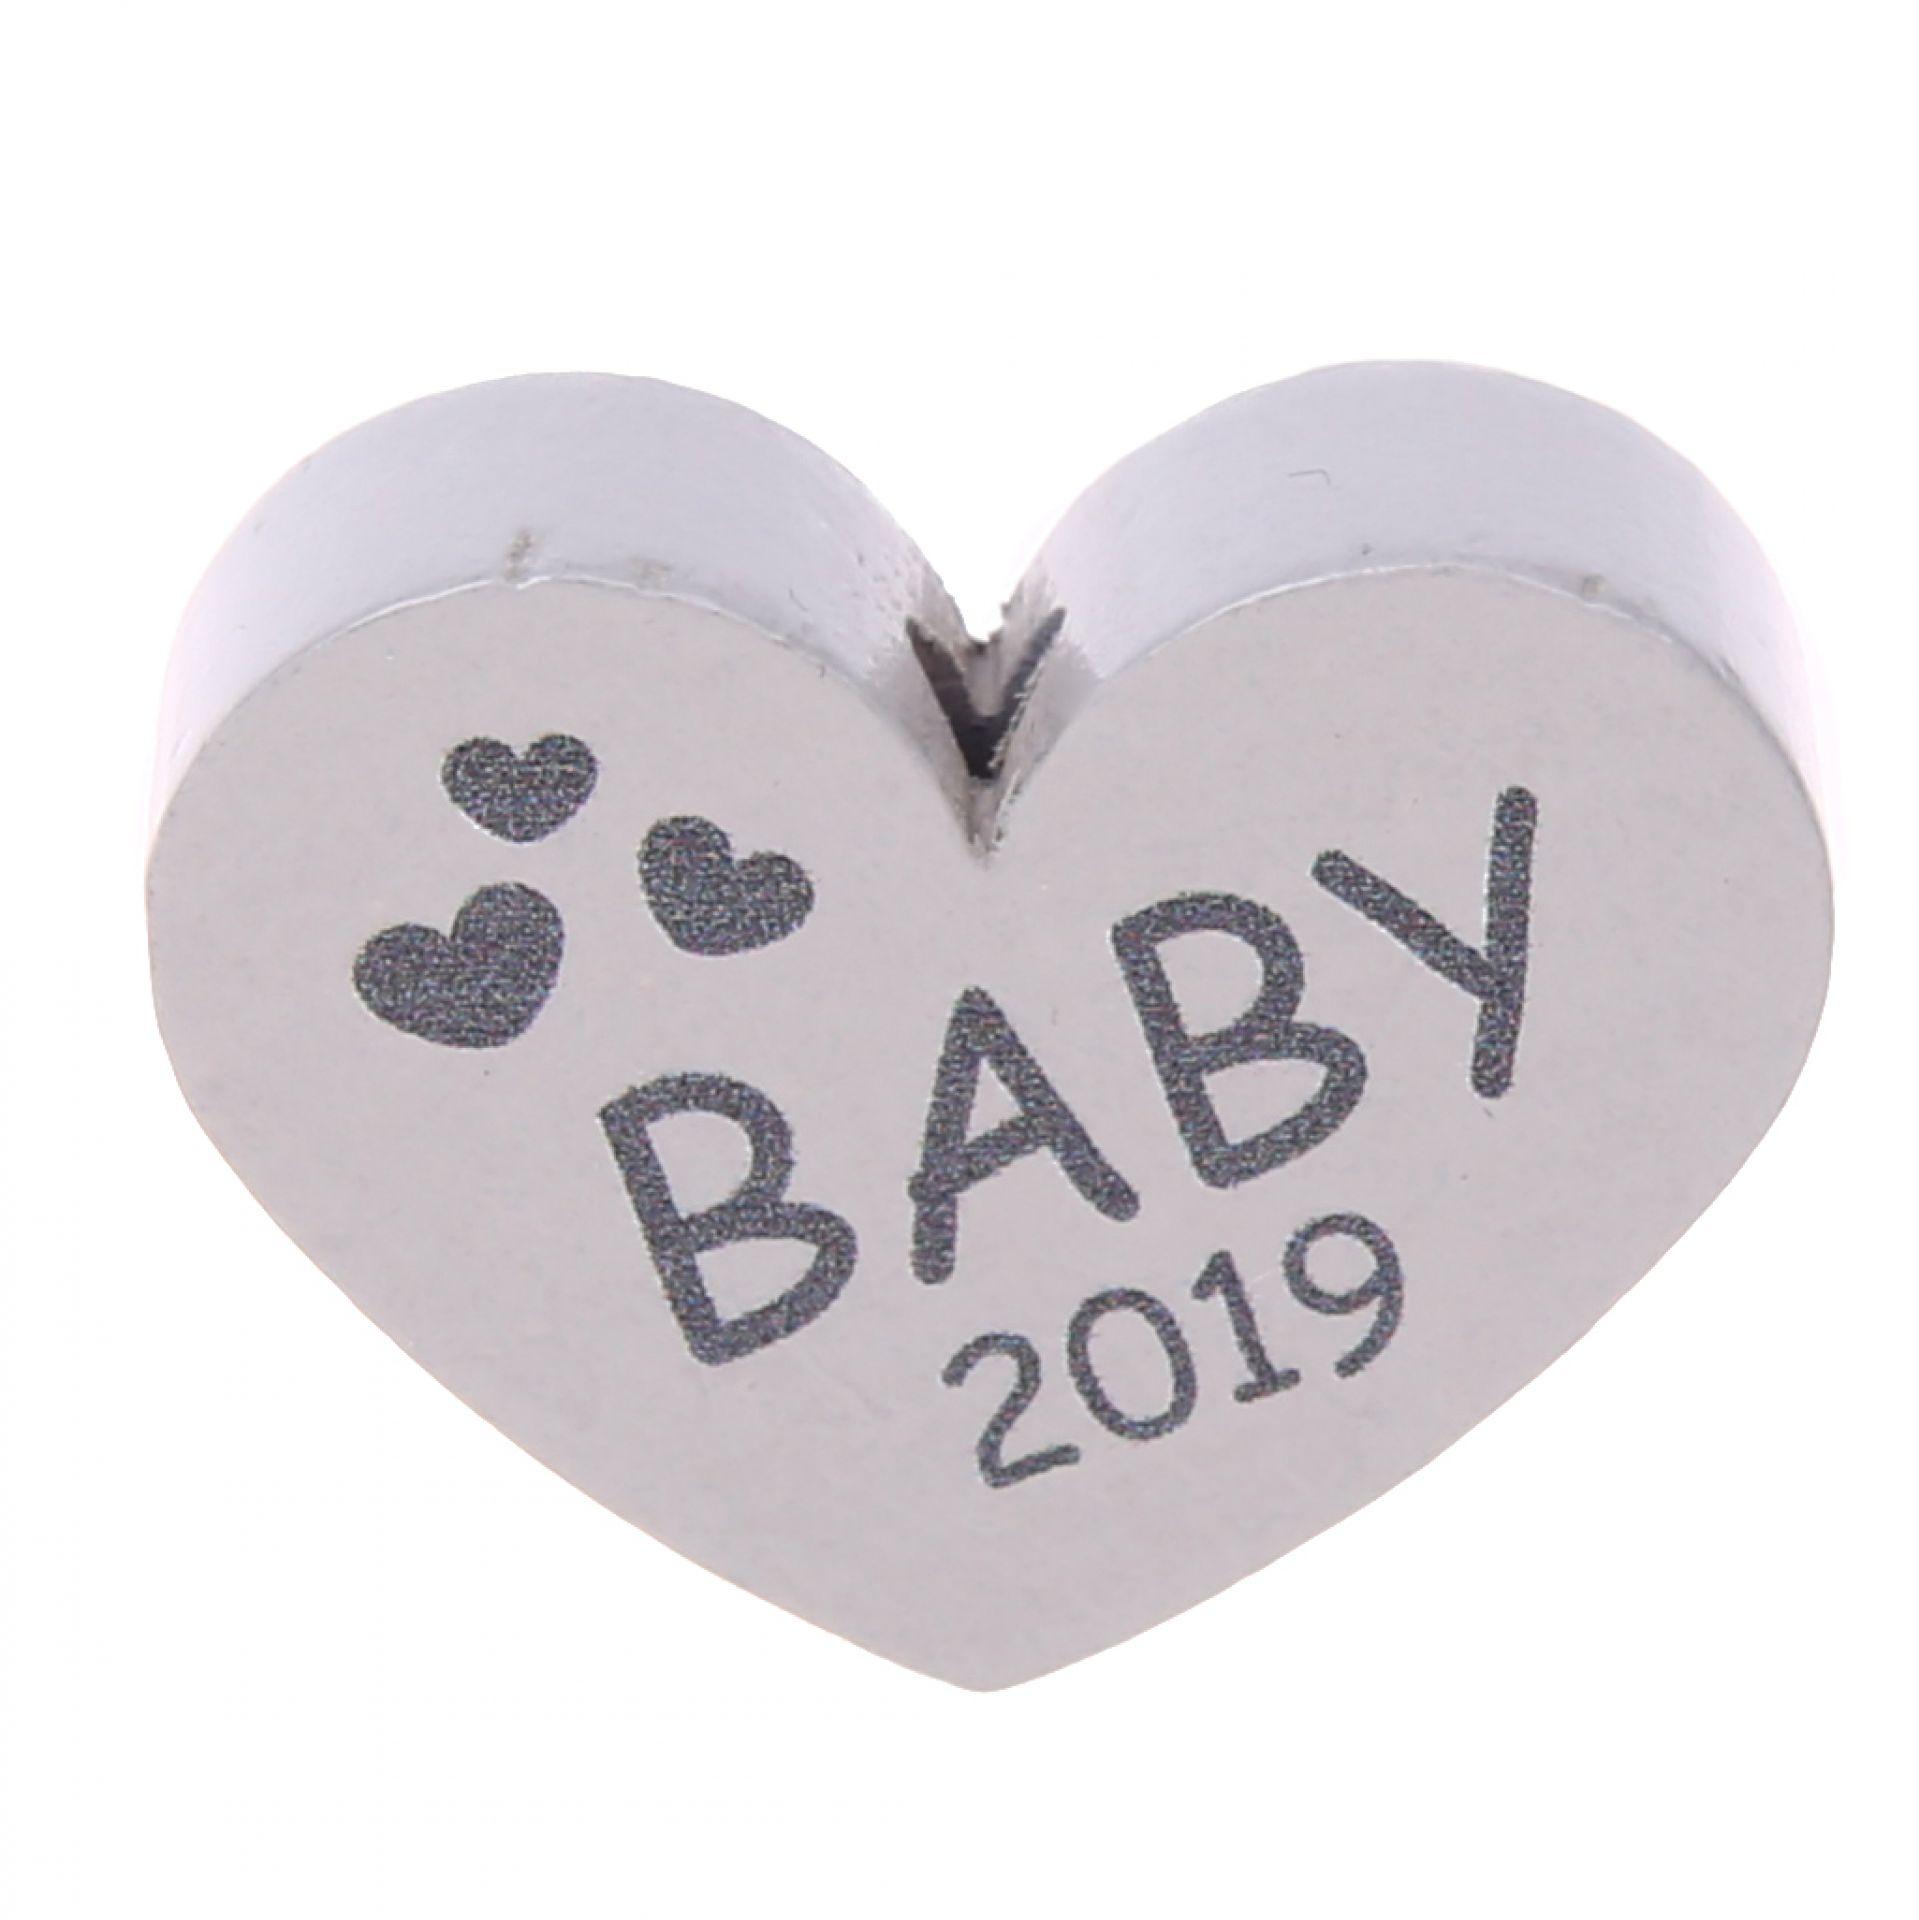 Motivperle Herz Baby 2019 'hellgrau' 30 auf Lager